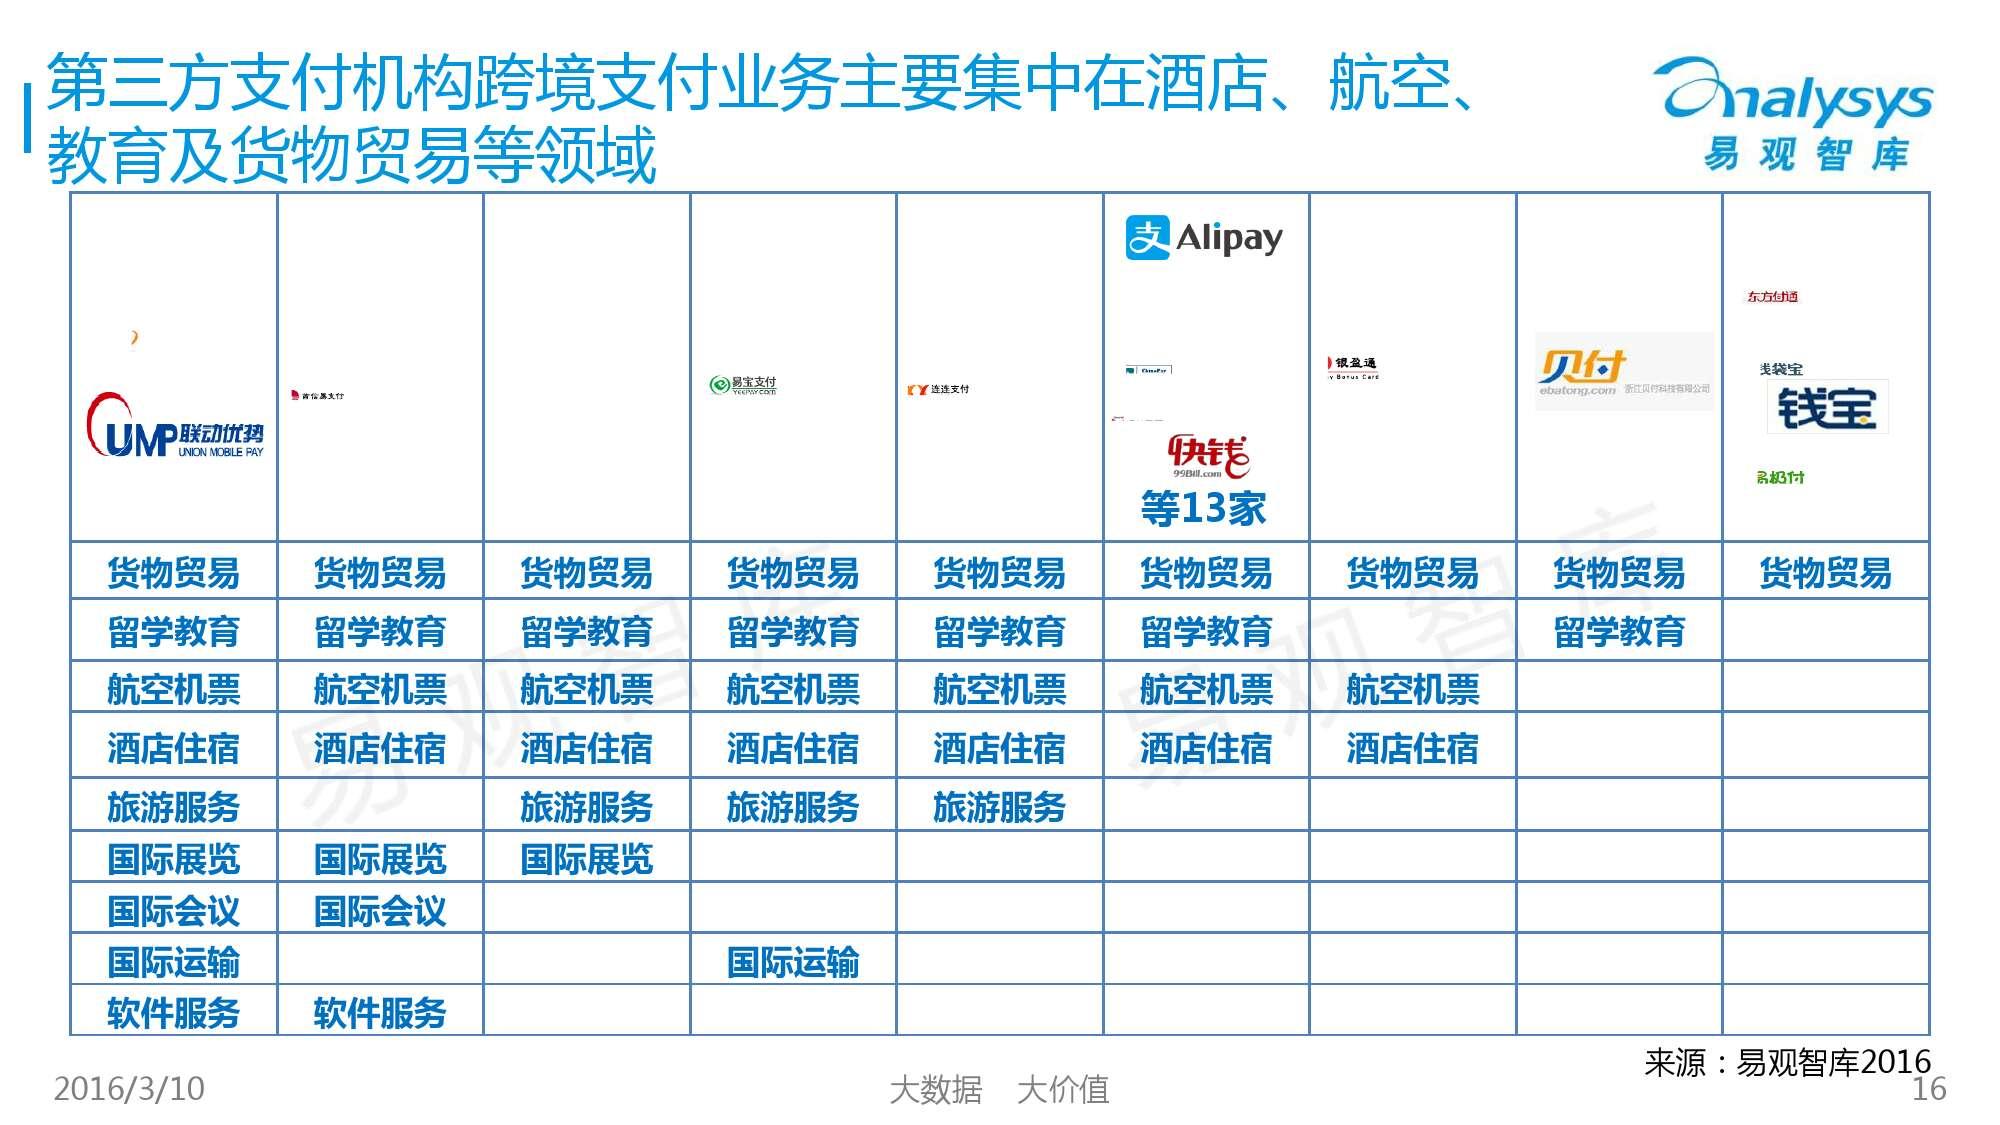 中国跨境支付市场专题研究报告2016_000016